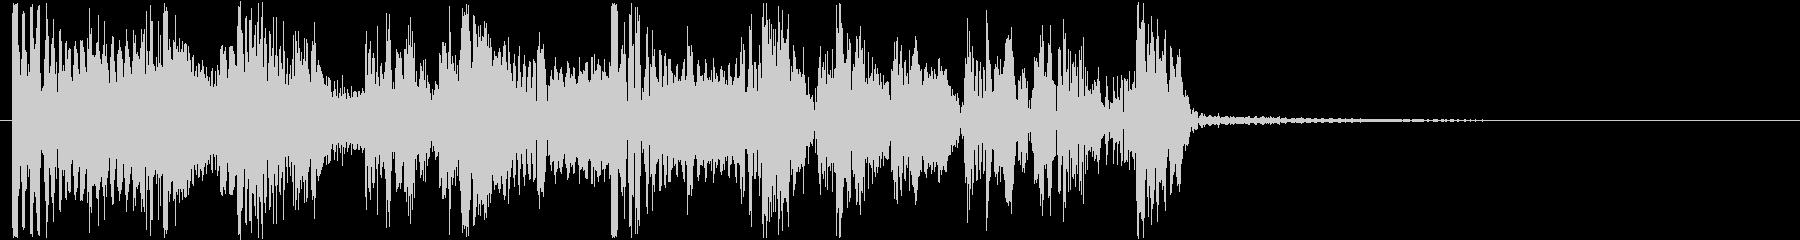 サイバーなイメージのHIPHOPジングルの未再生の波形